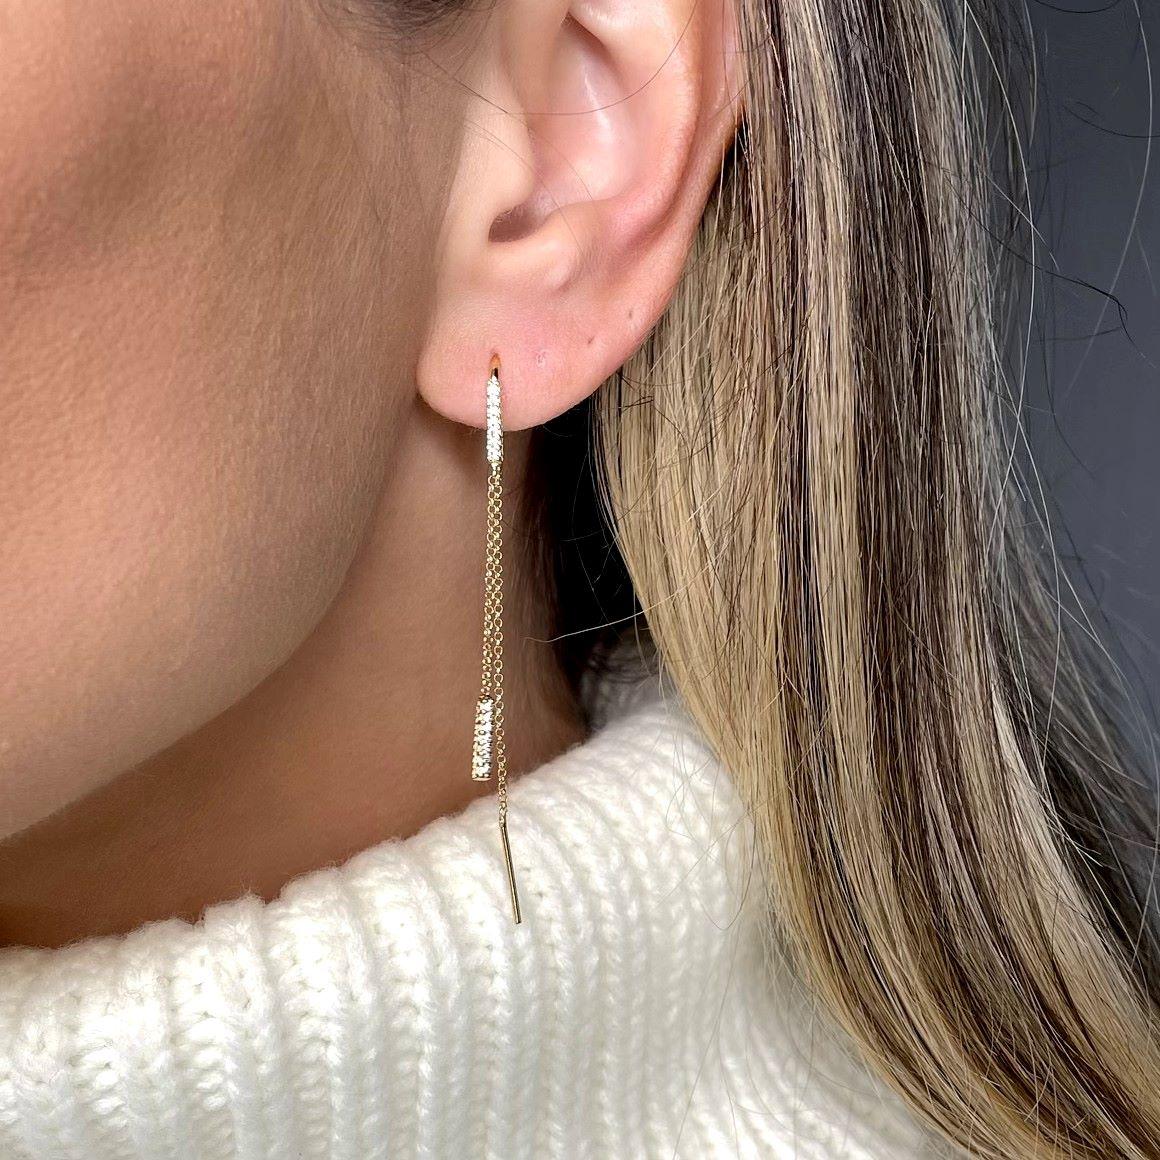 Brinco Corrente Detalhes Zirconias Banho Ouro